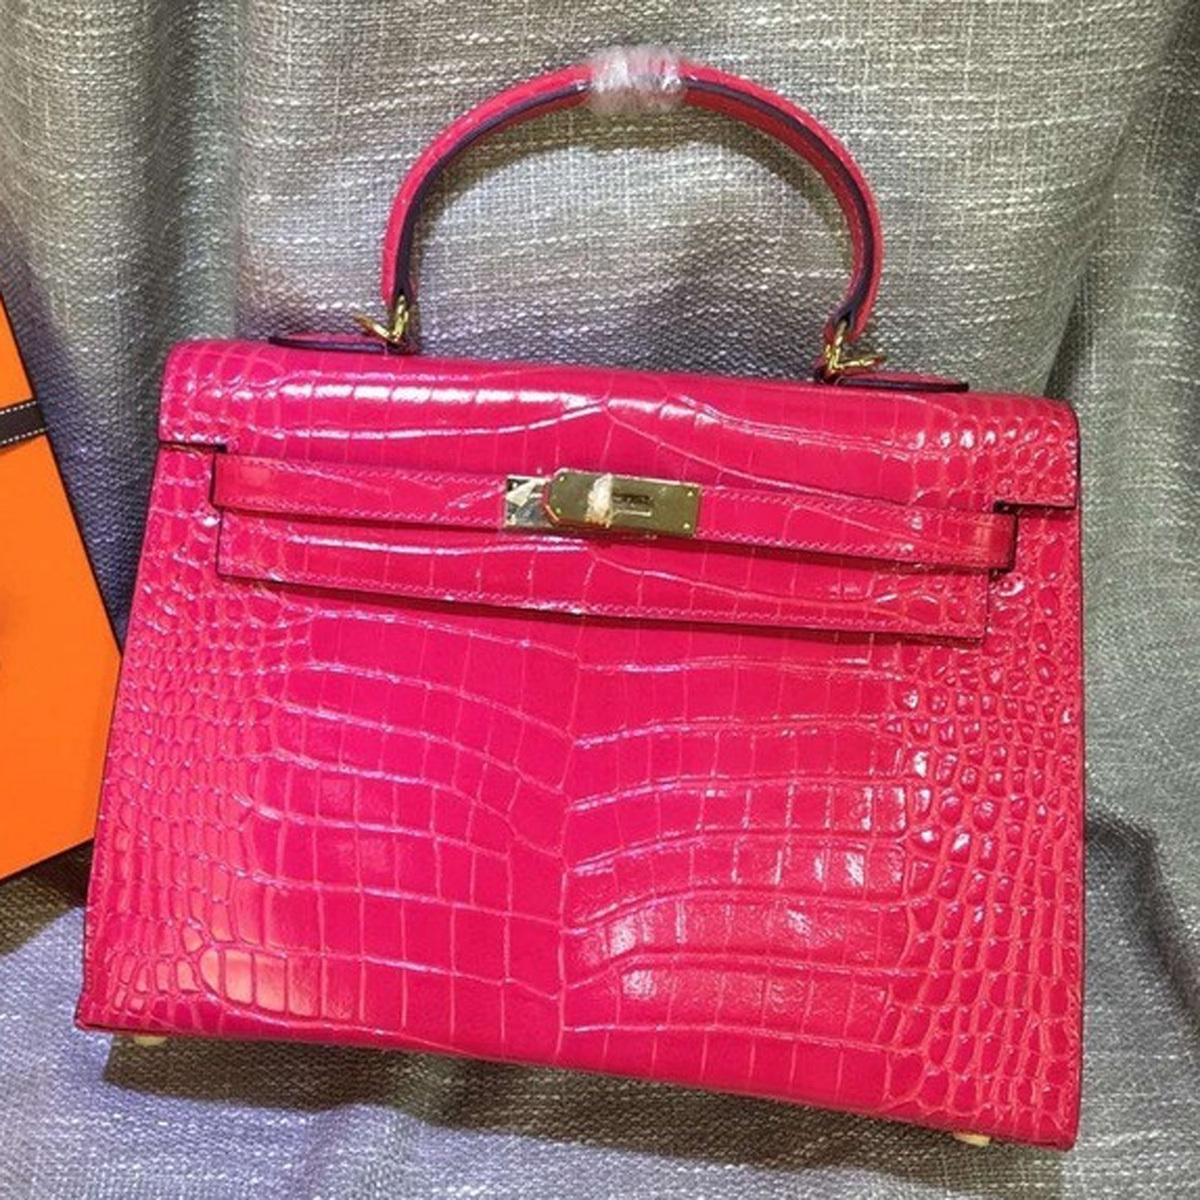 bb149612cd72 Hermes Kelly Handbag Cross Body Bag Crocodile Leather Golden Hardware  28 32cm Rose Red